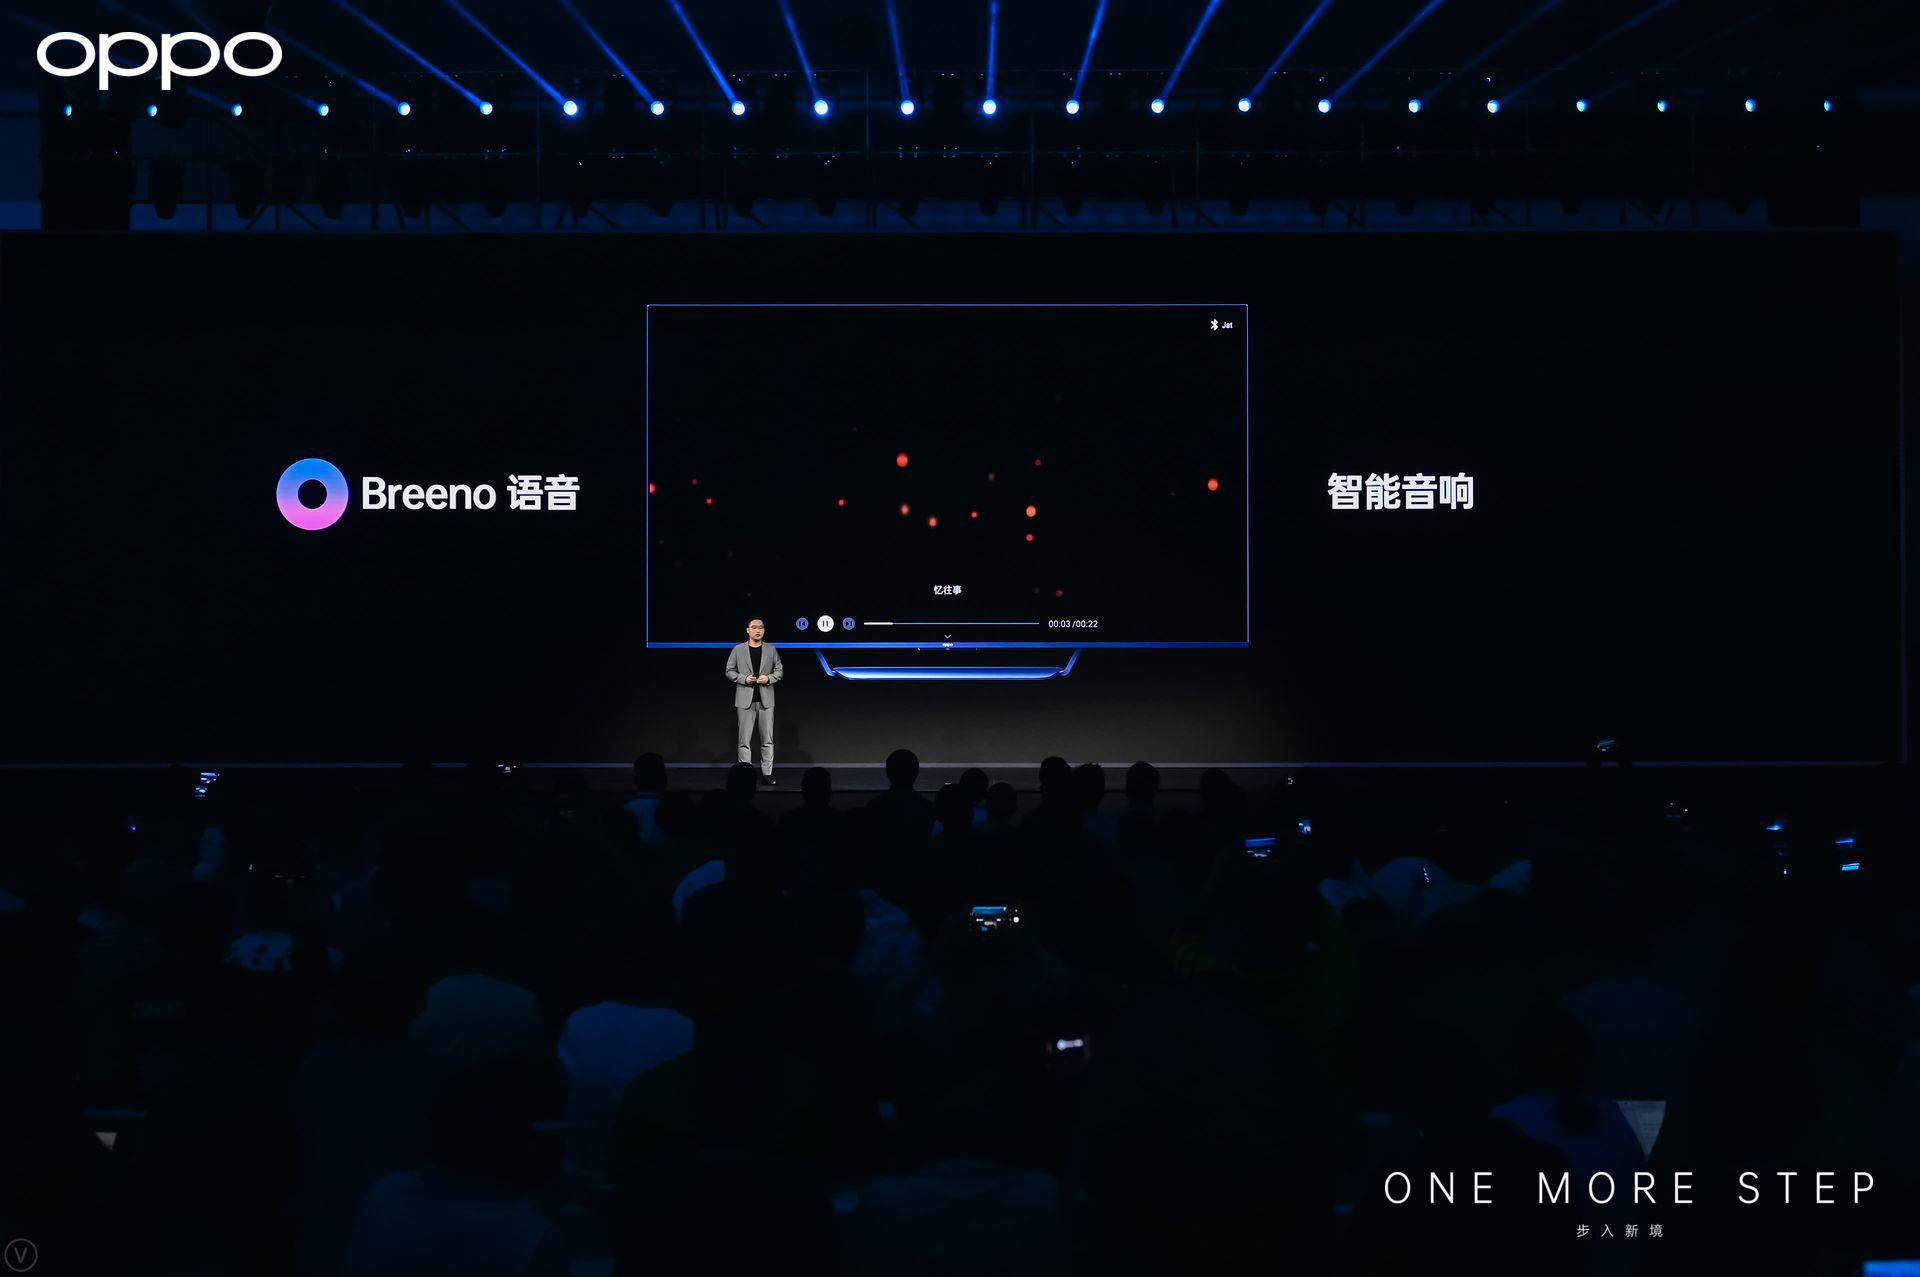 OPPO发布首款智能电视,Breeno语音订制方案出炉